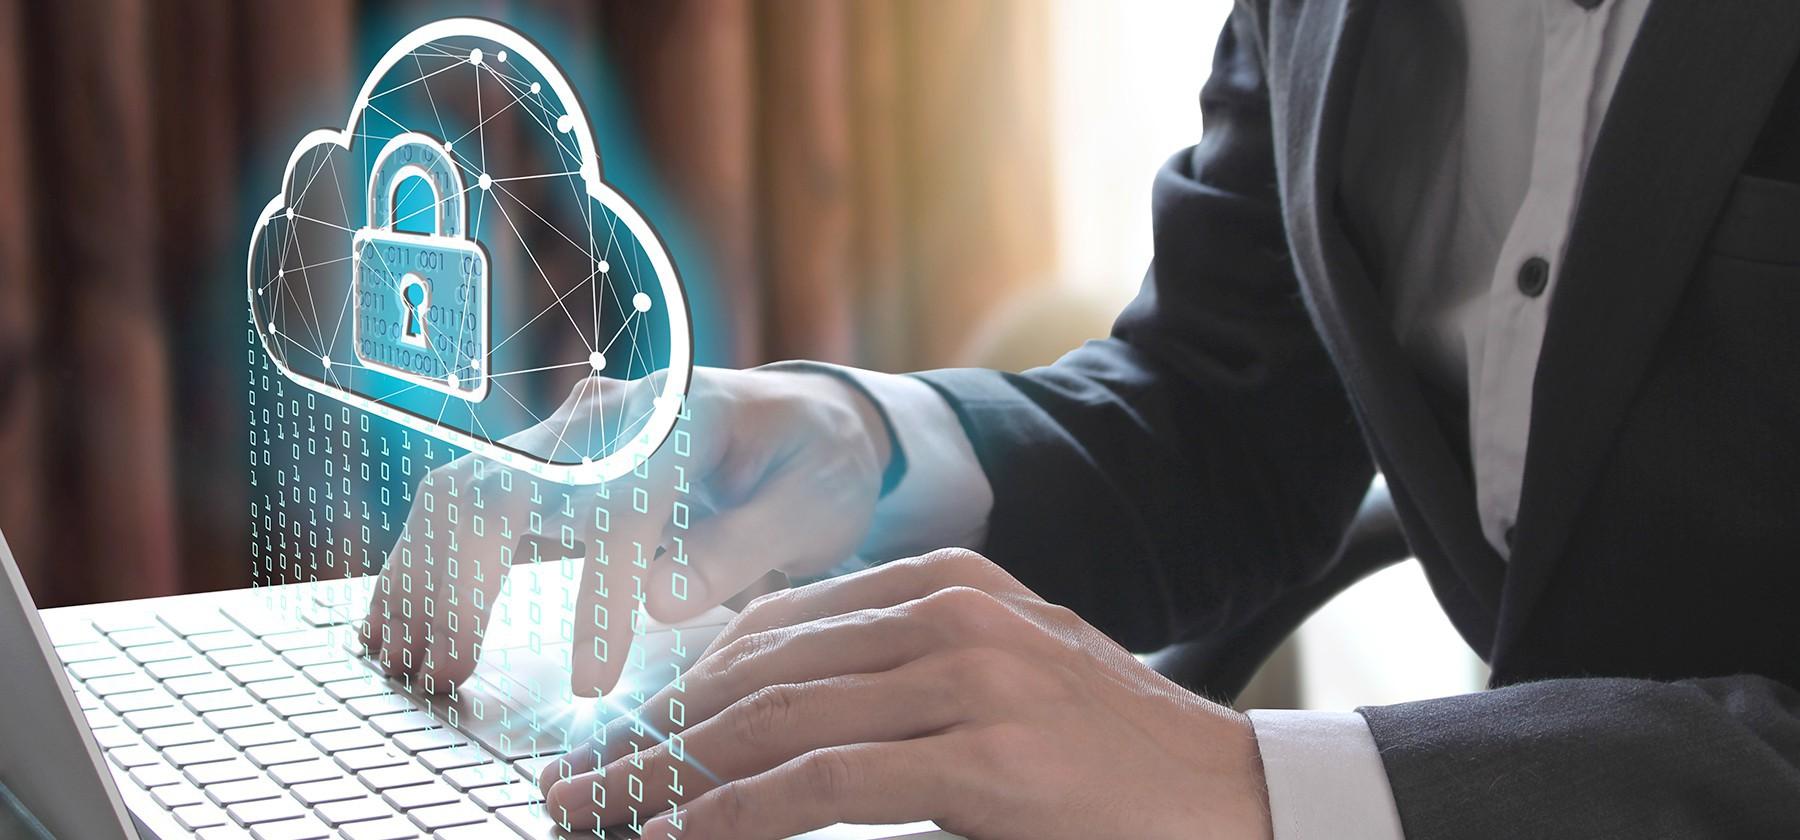 Sicurezza informatica a Treviso, Padova, Trento e Pordenone